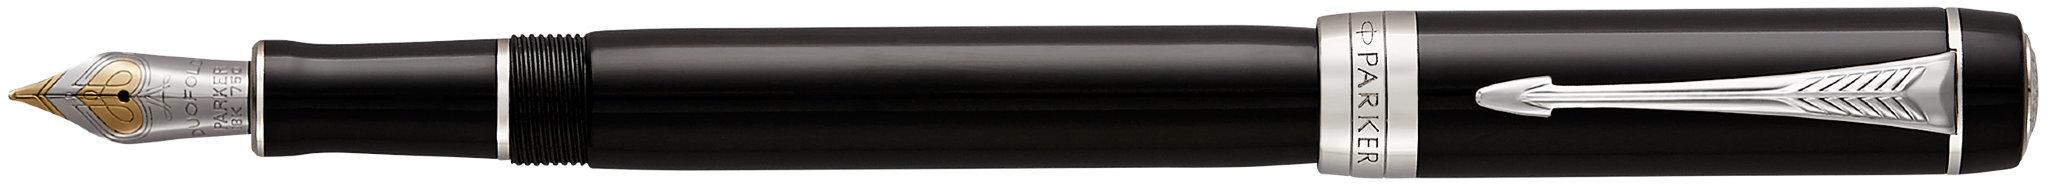 Перьевая ручка Parker Duofold F74 International Black CT в Воронеже